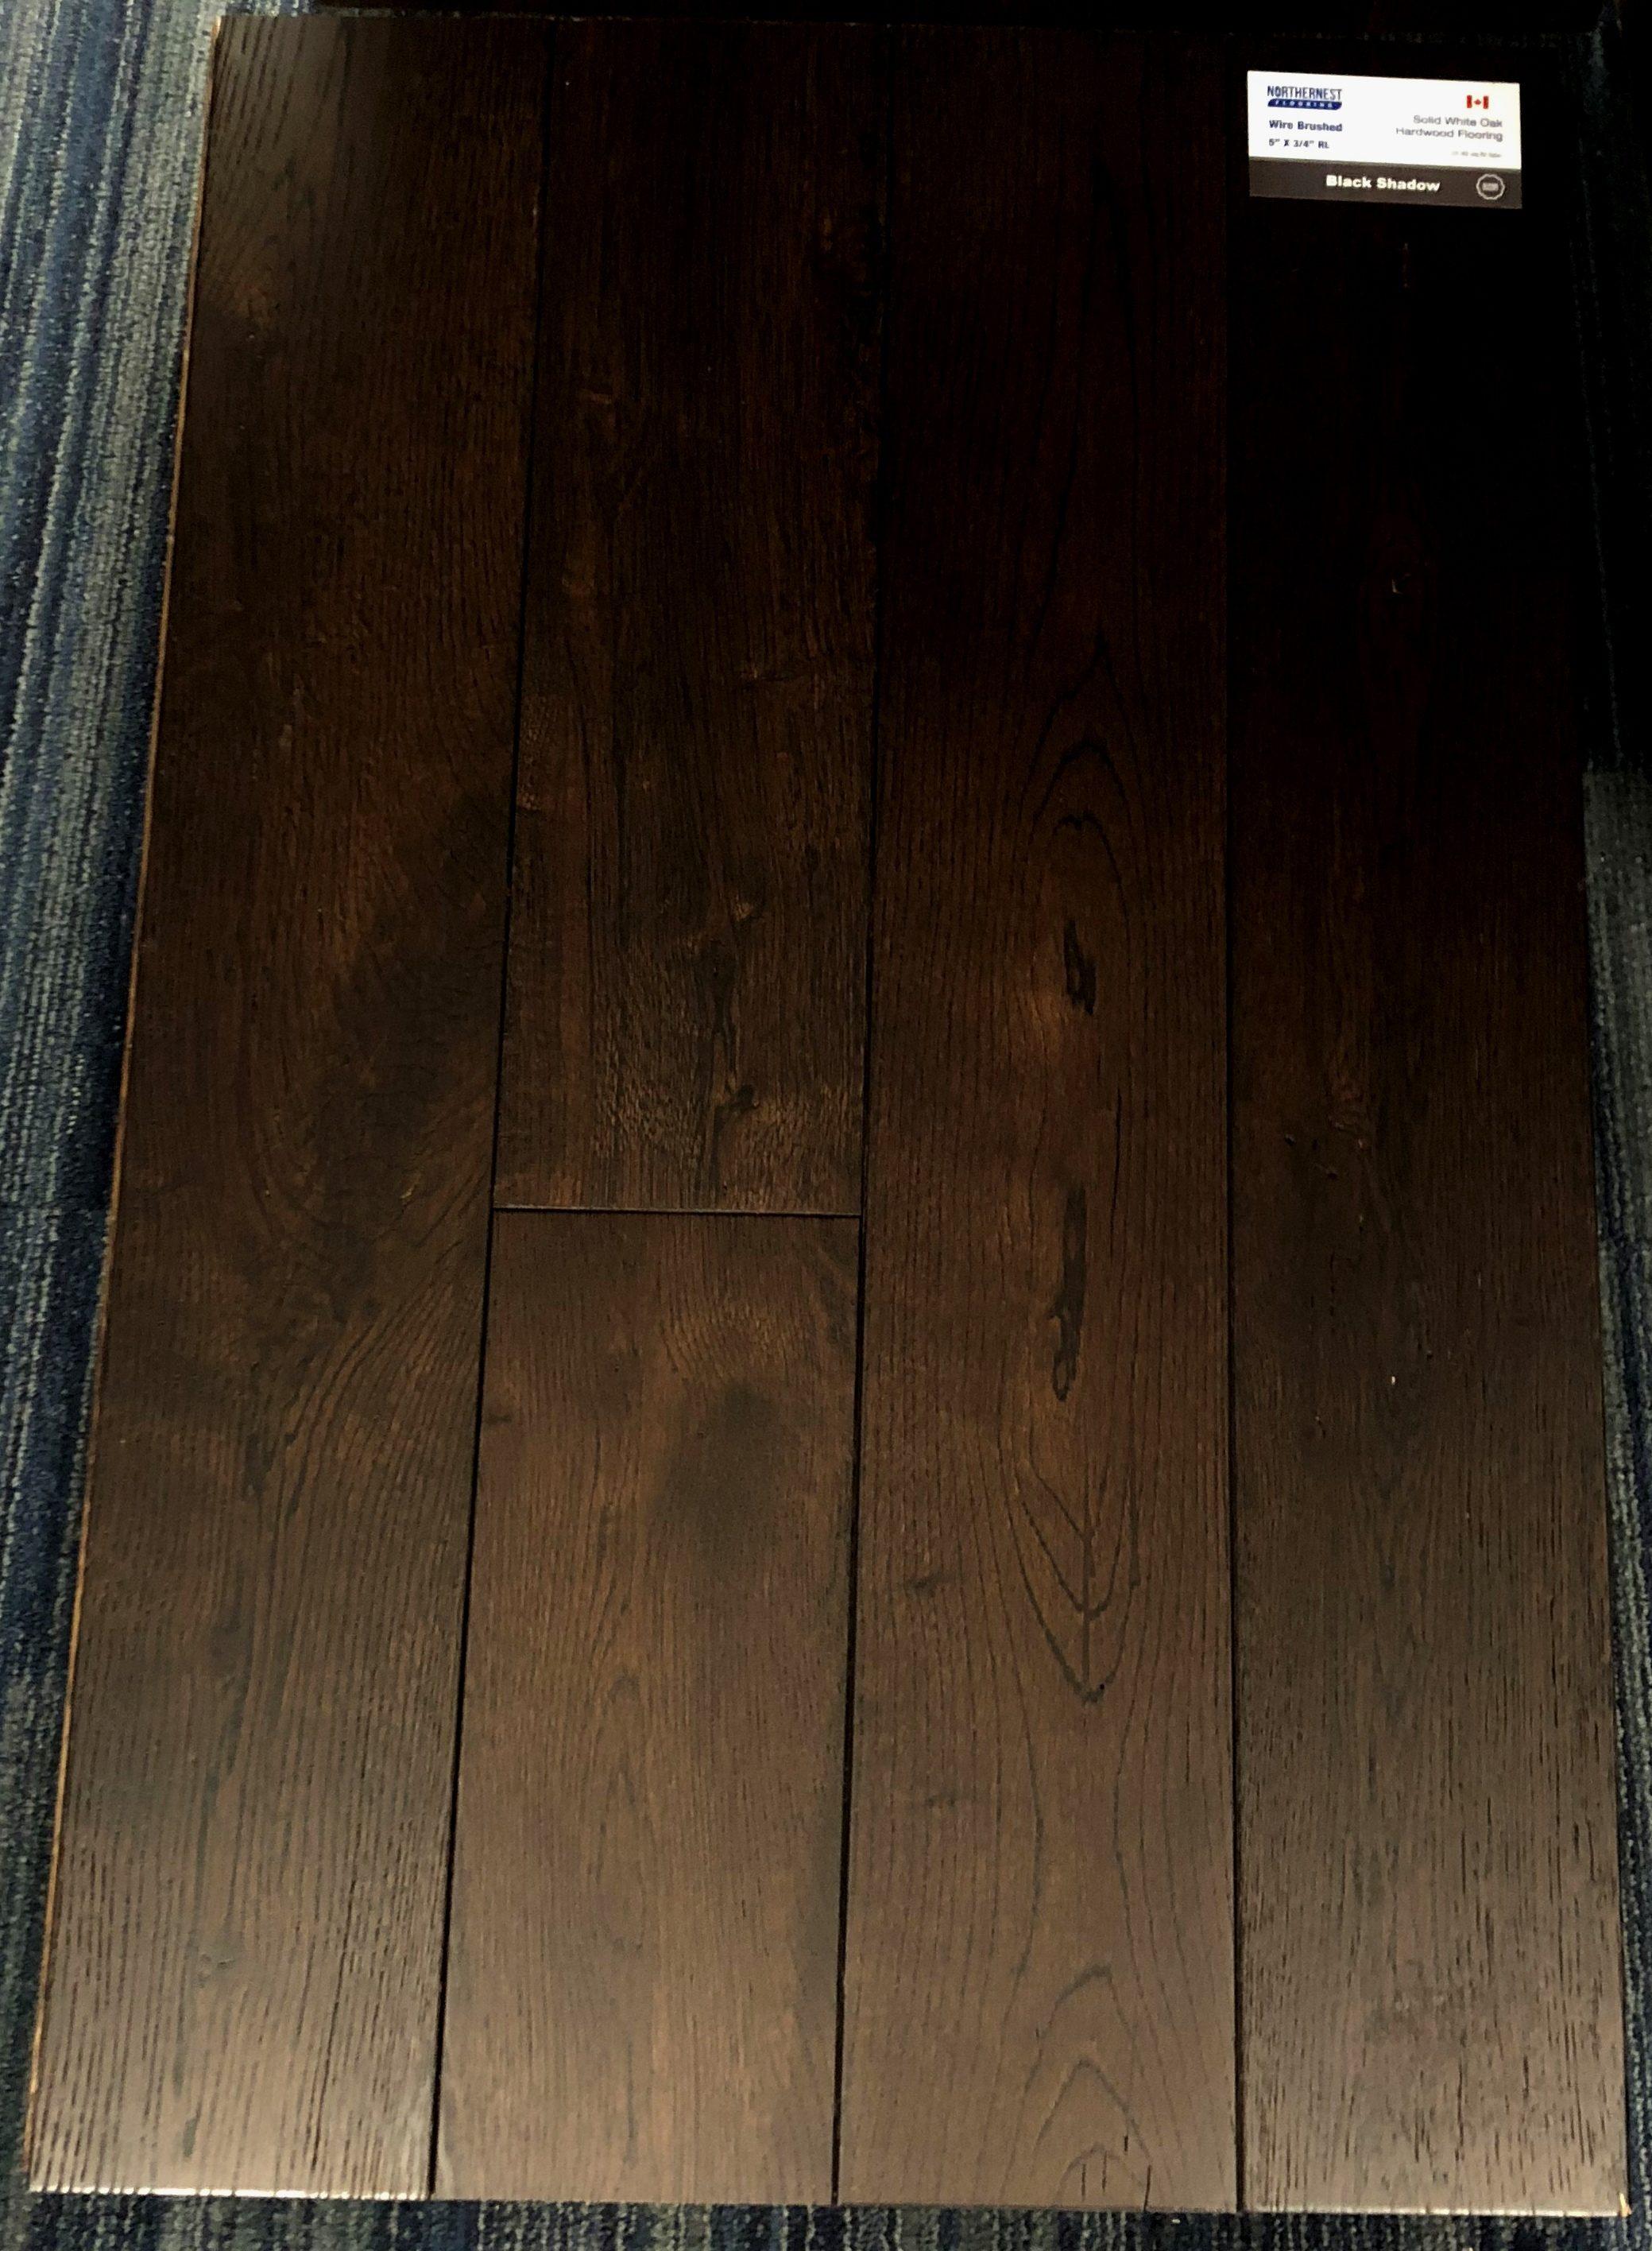 Black Shadow Northernest White Oak Wirebrushed Hardwood Flooring Image